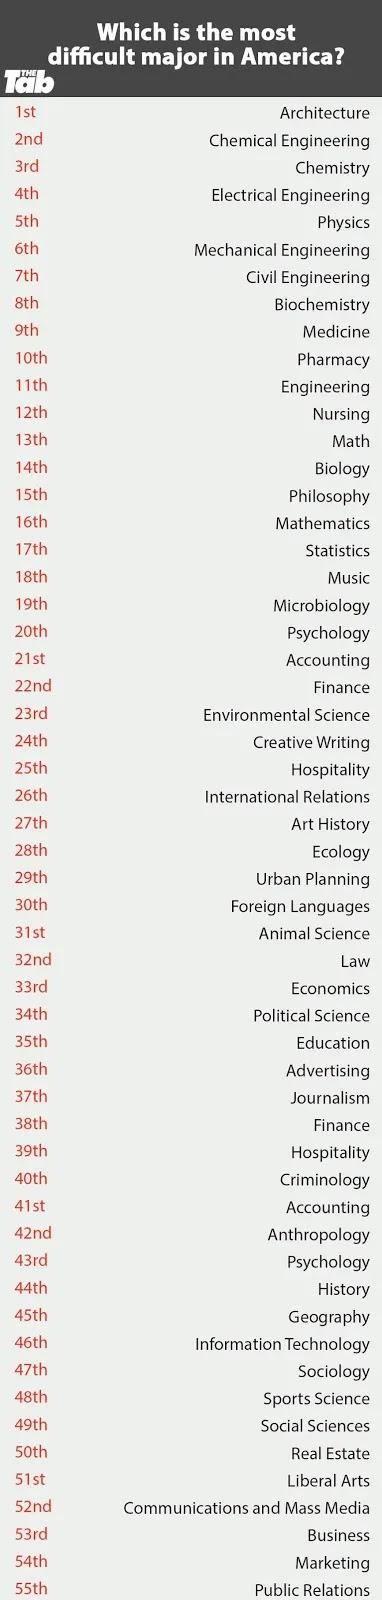 أصعب التخصصات في الجامعات الأمريكية